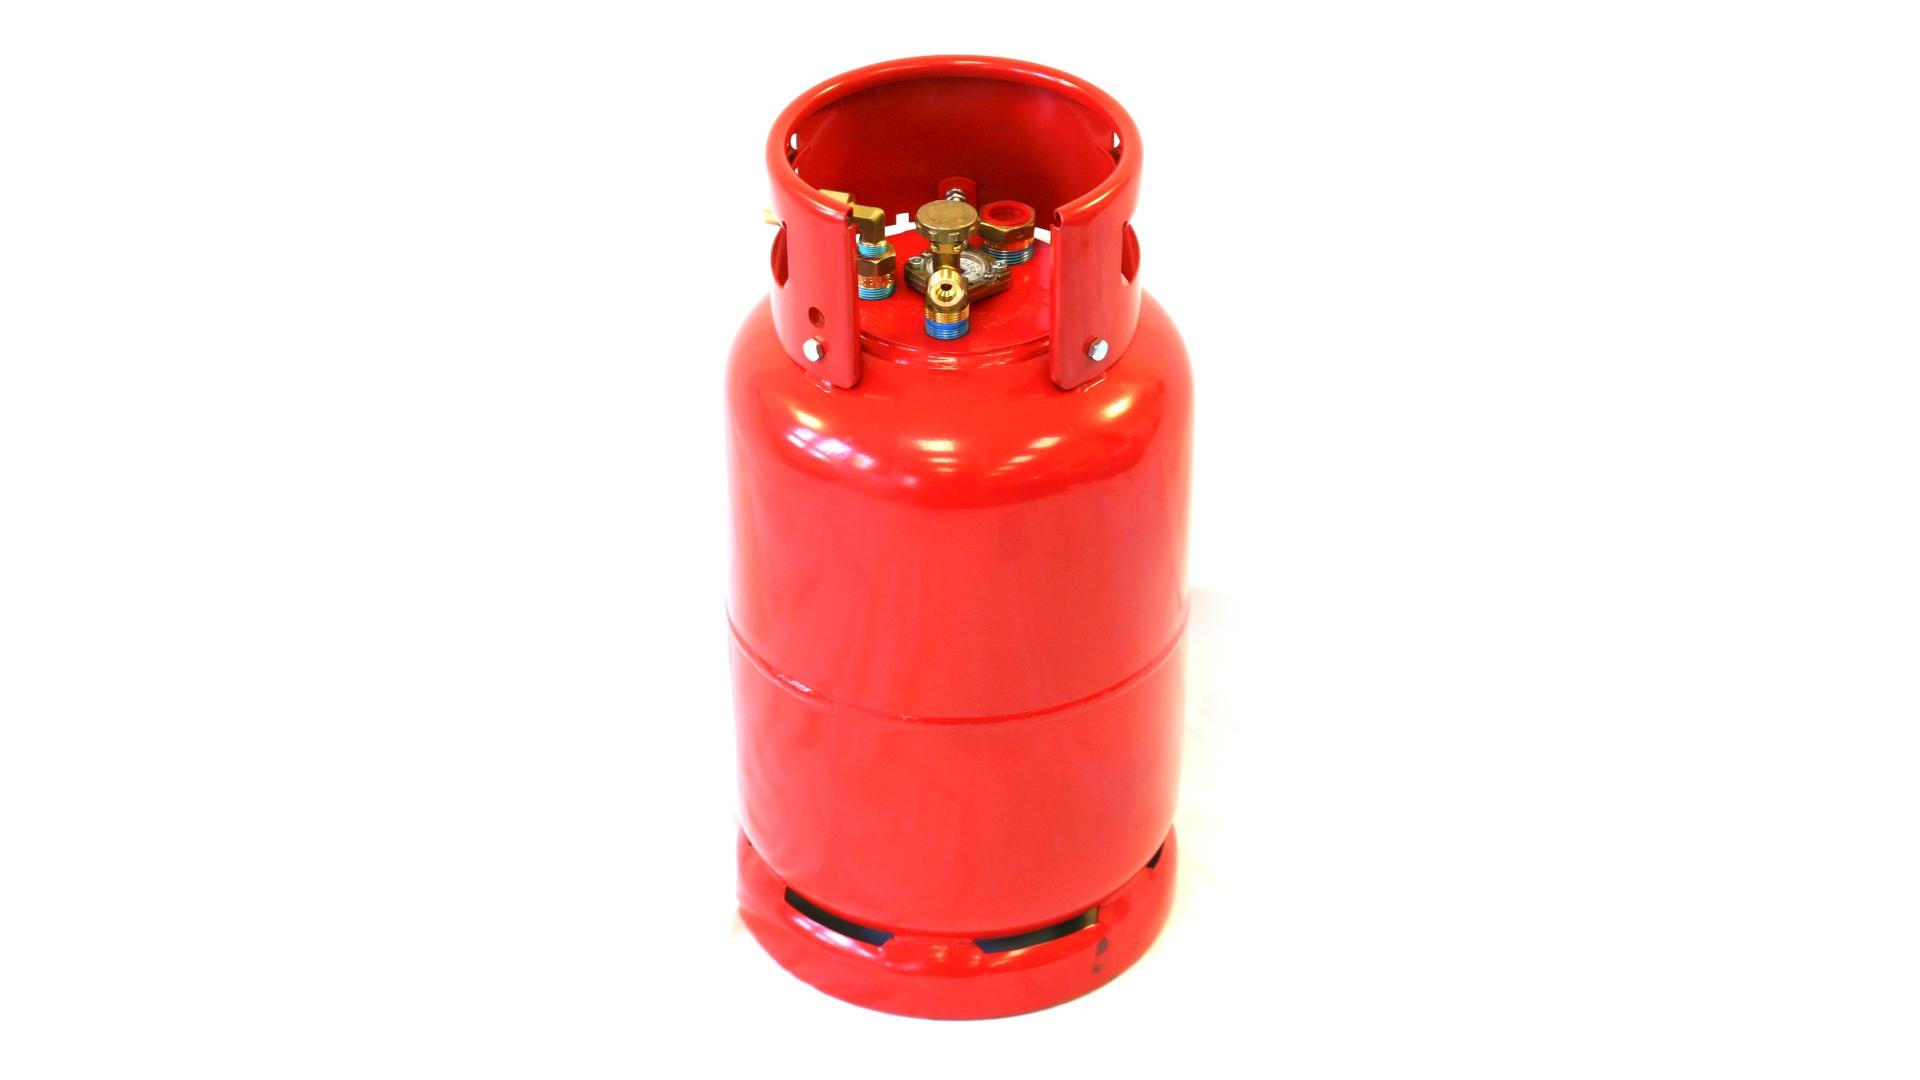 GZWM Tankflasche 36 Liter mit 3 Punktventil (1920x1080)